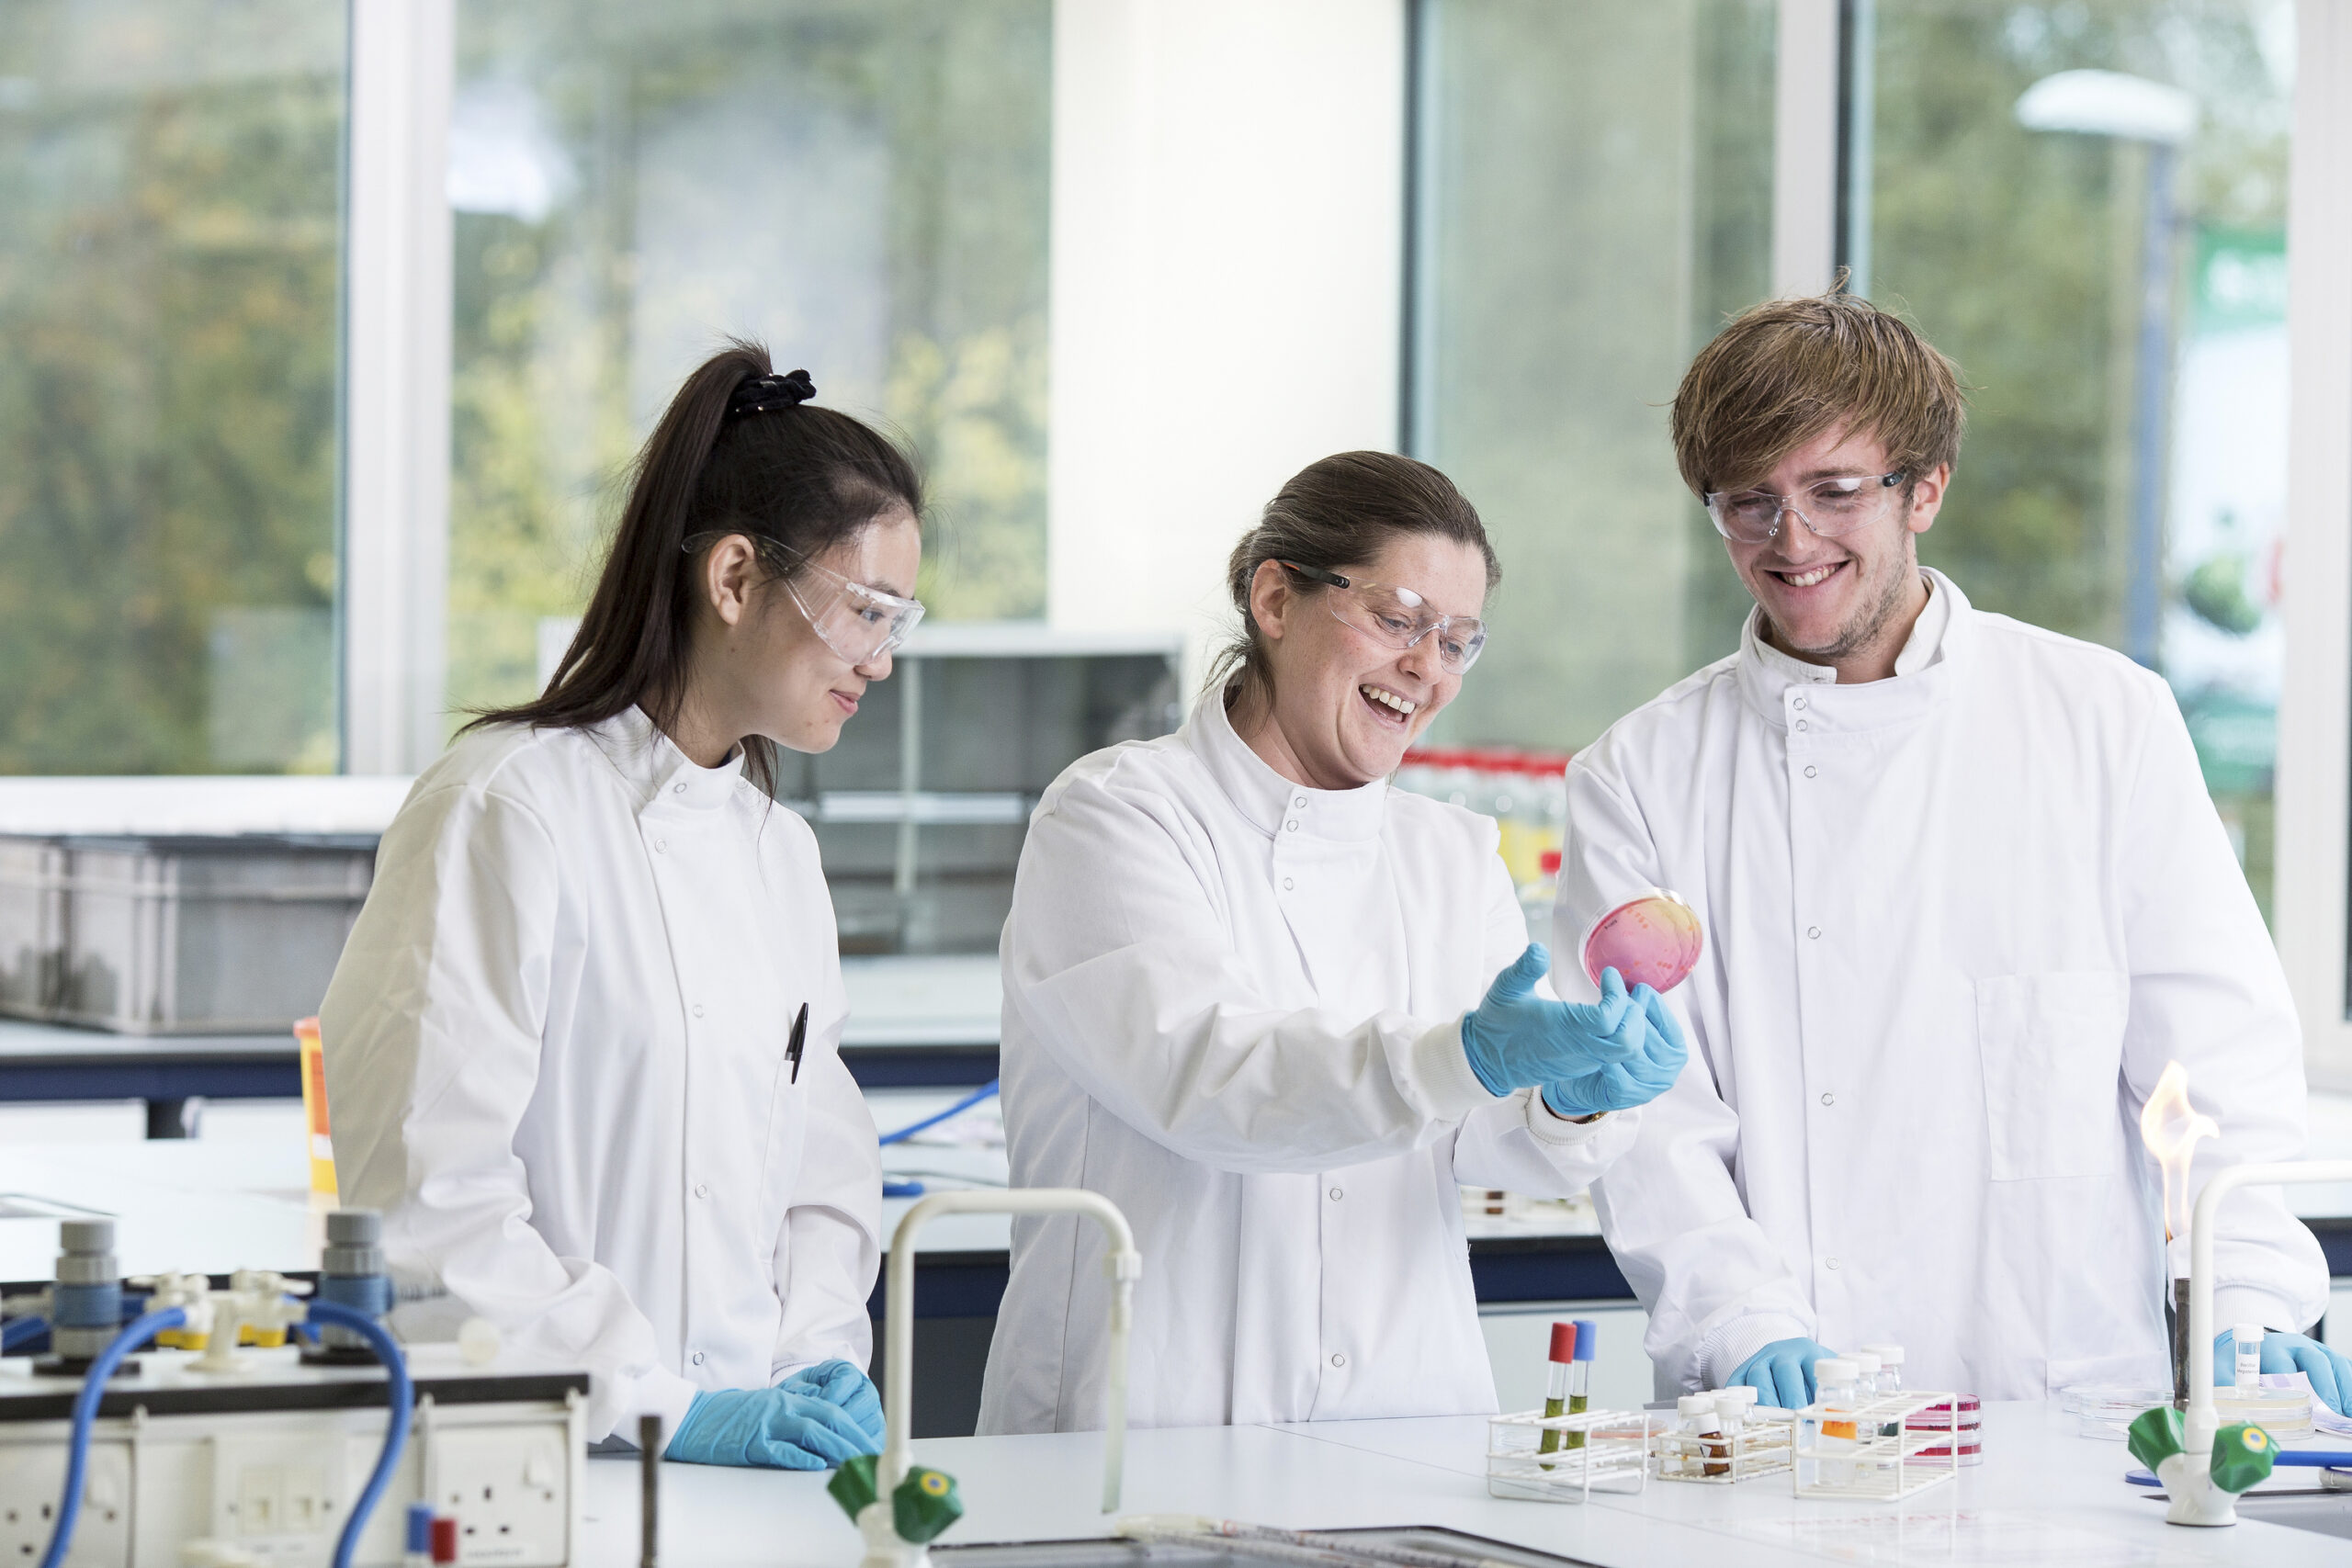 澳洲放寬畢業生簽證 選讀熱門科目 有利在當地發展